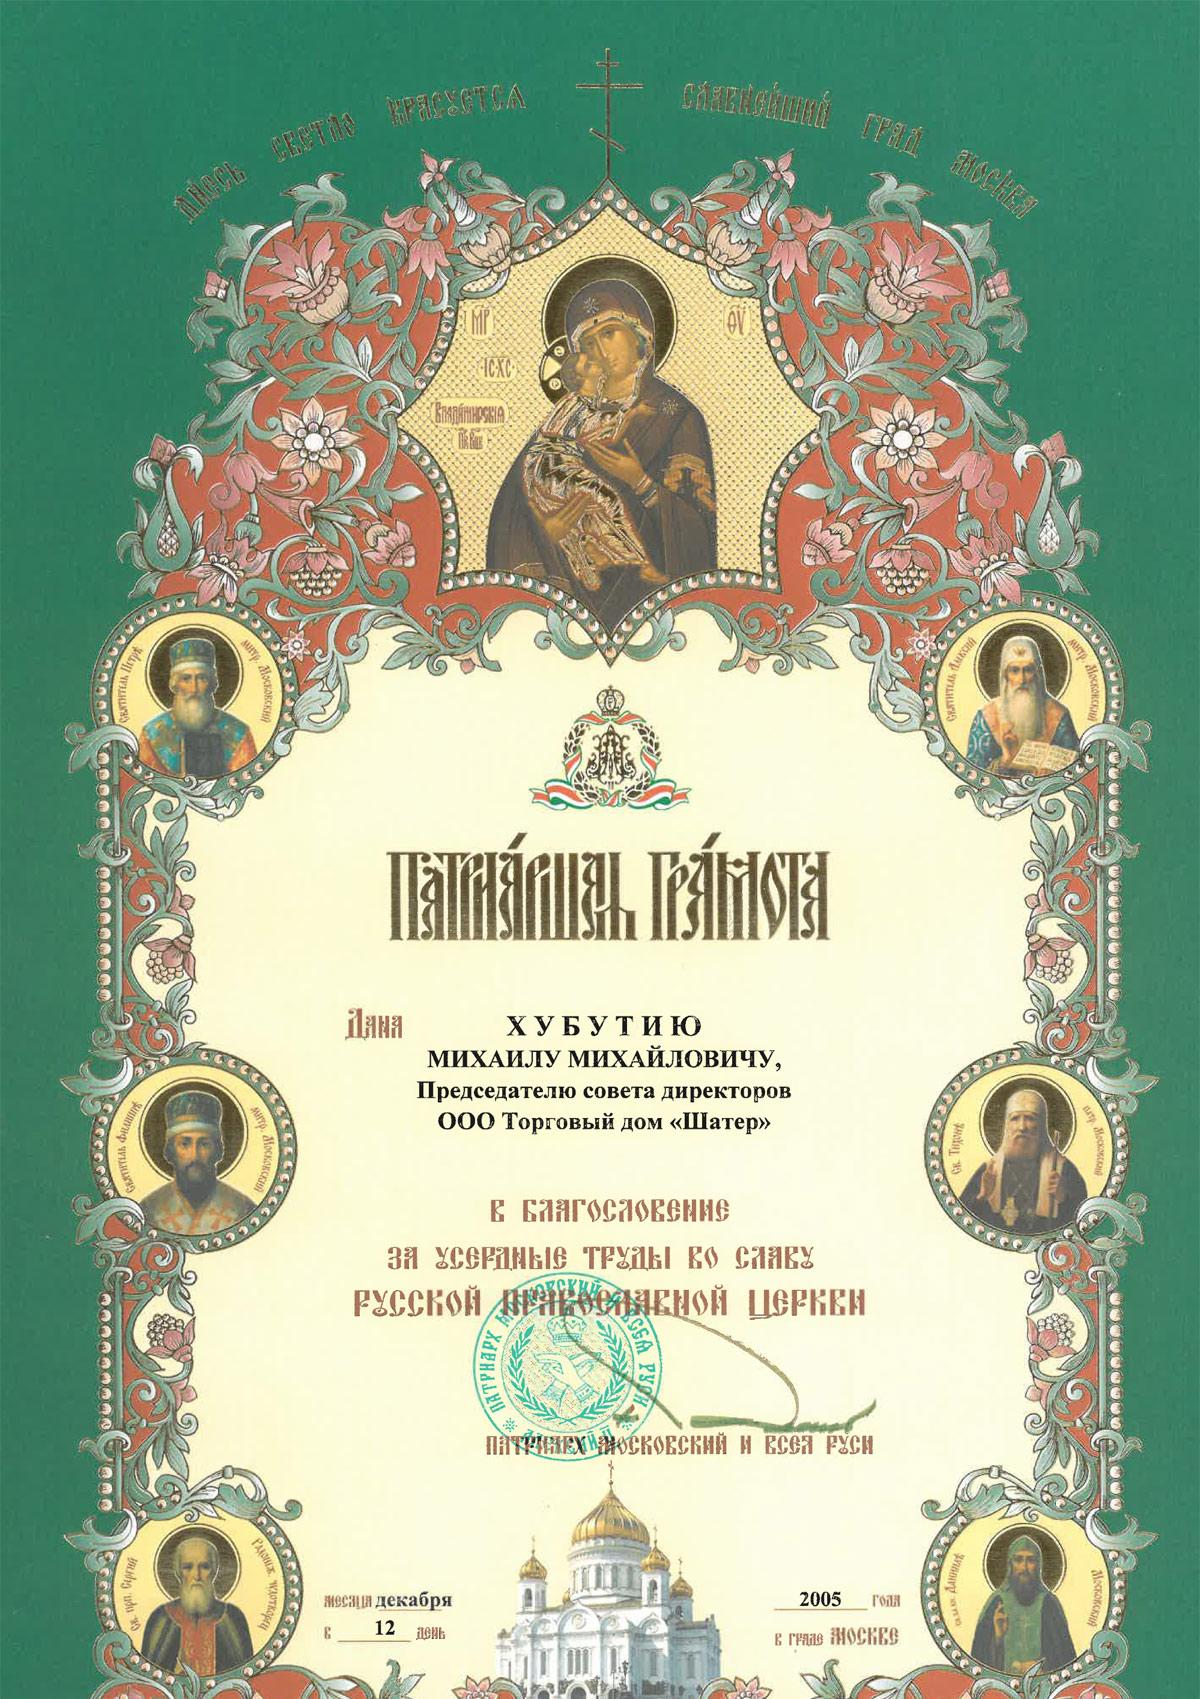 Грамотой Патриарха Московского и Всея Руси «В благословение за усердные труды во славу Русской Православной Церкви»